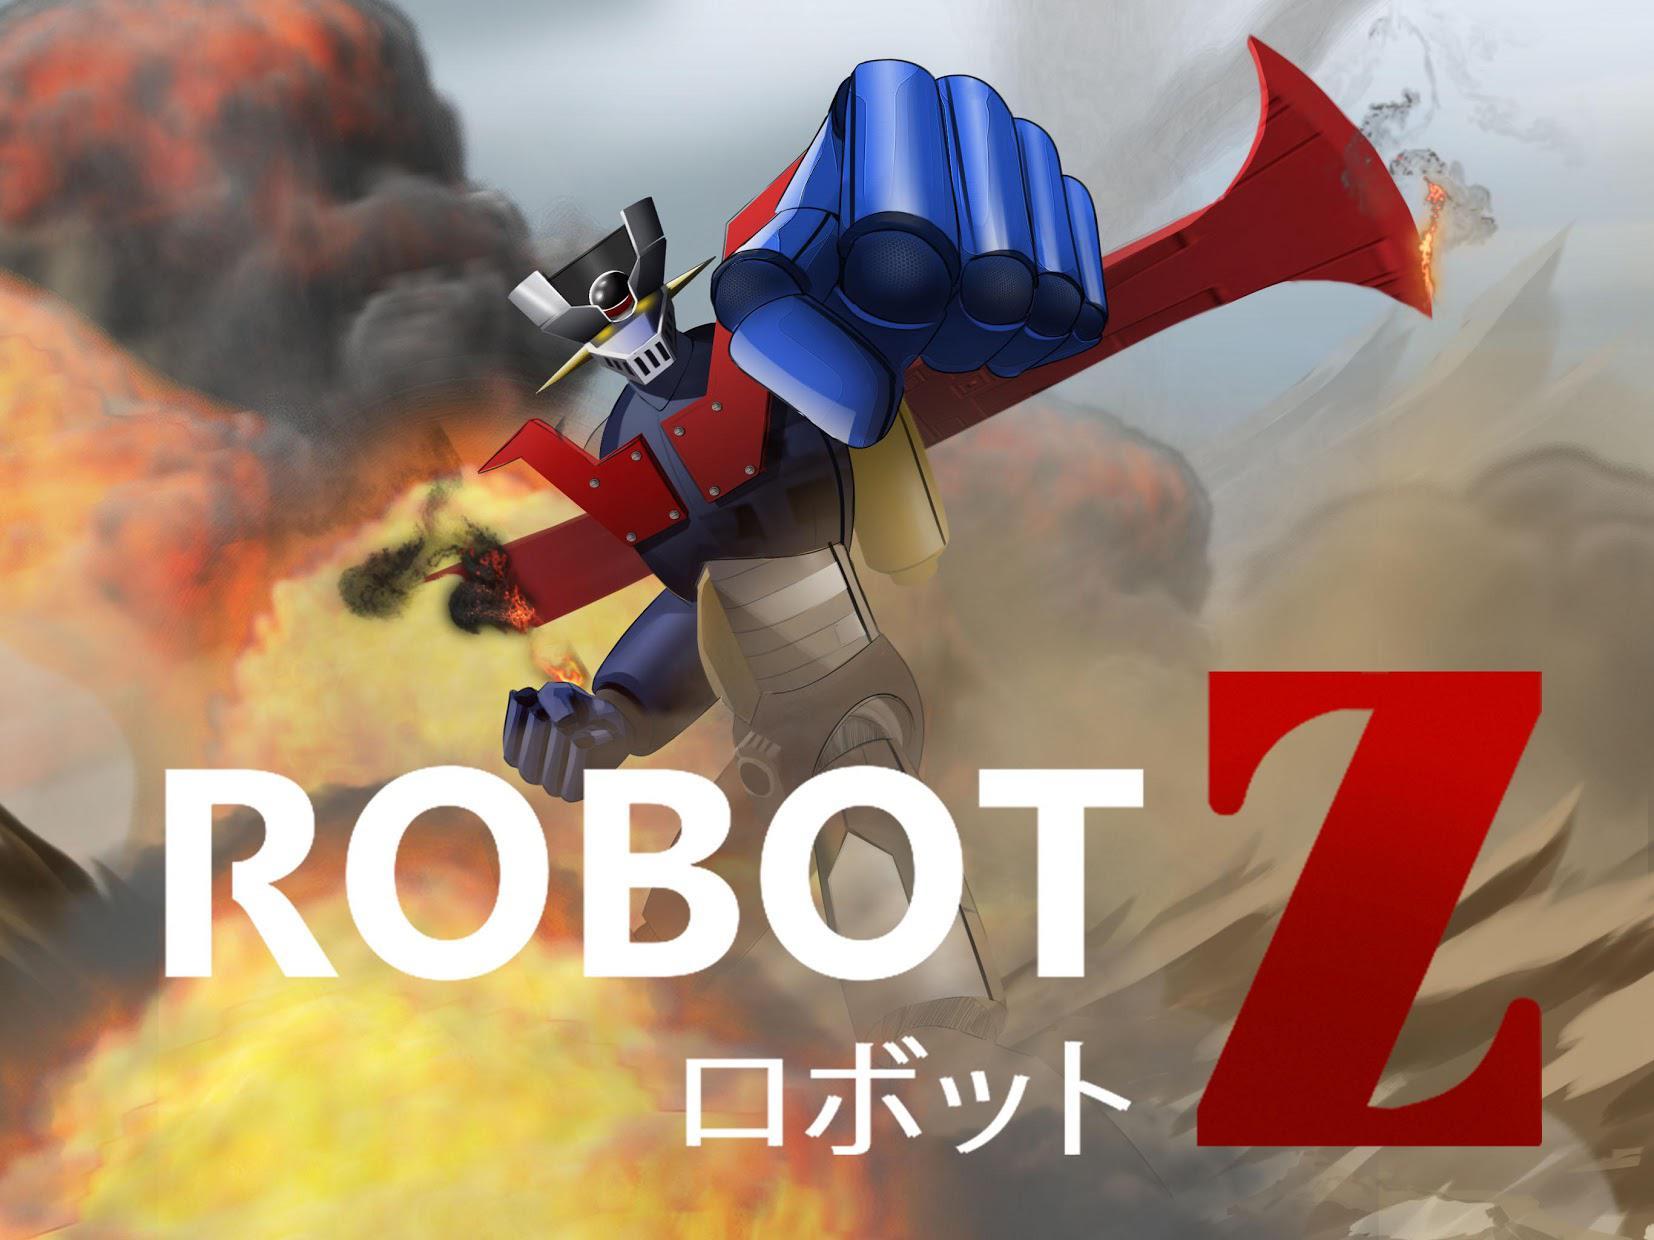 机器人ž - 绘制道路线救市 游戏截图1